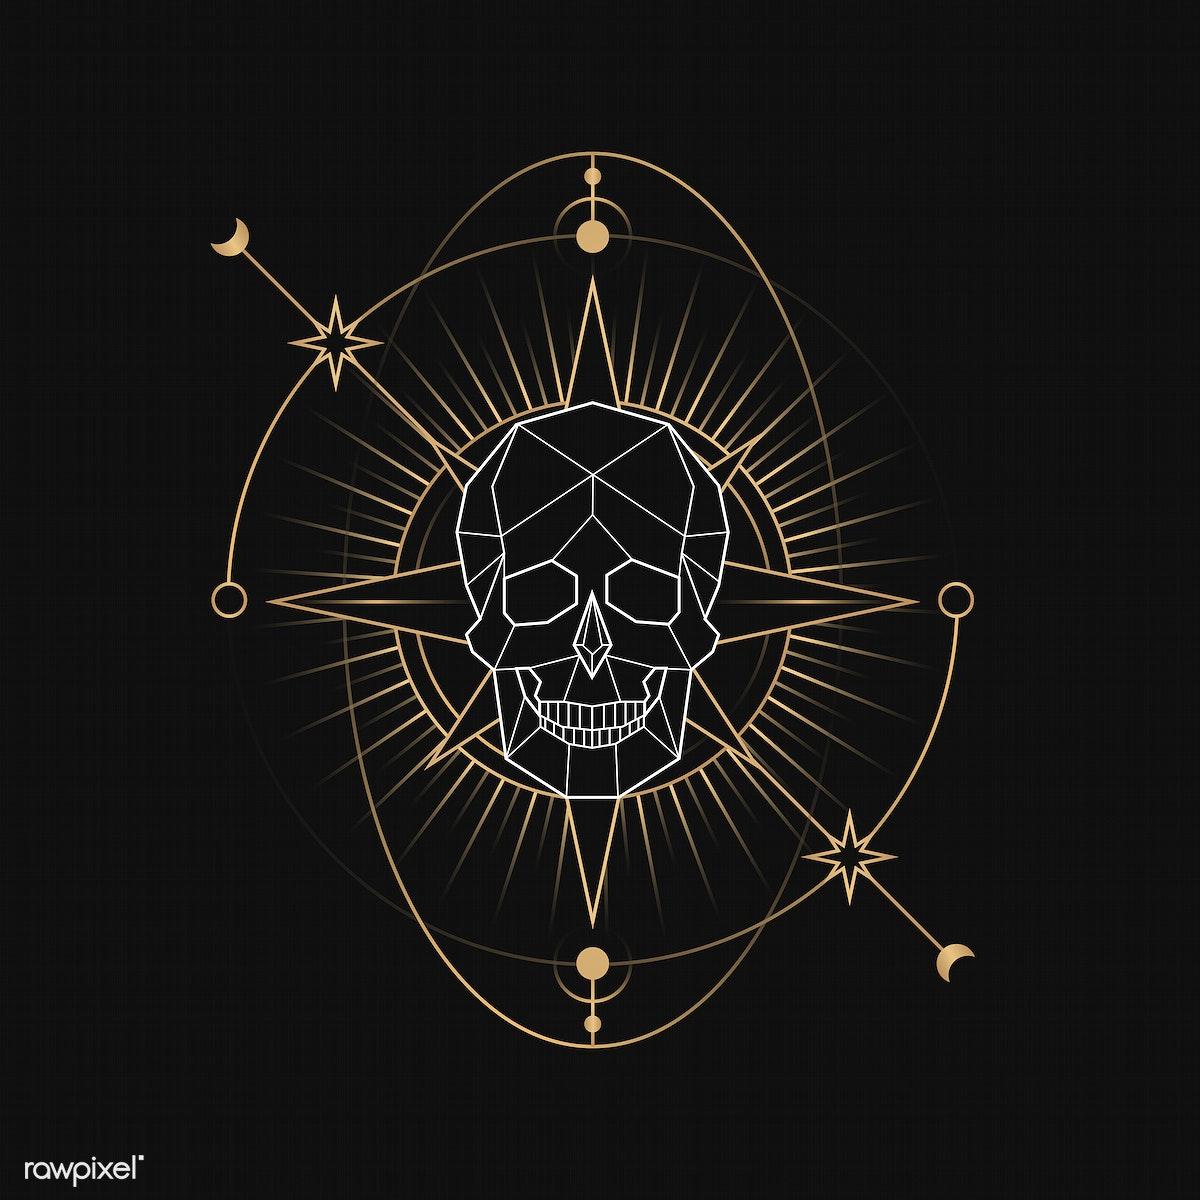 Download premium illustration of Geometric mystic death symbol vector